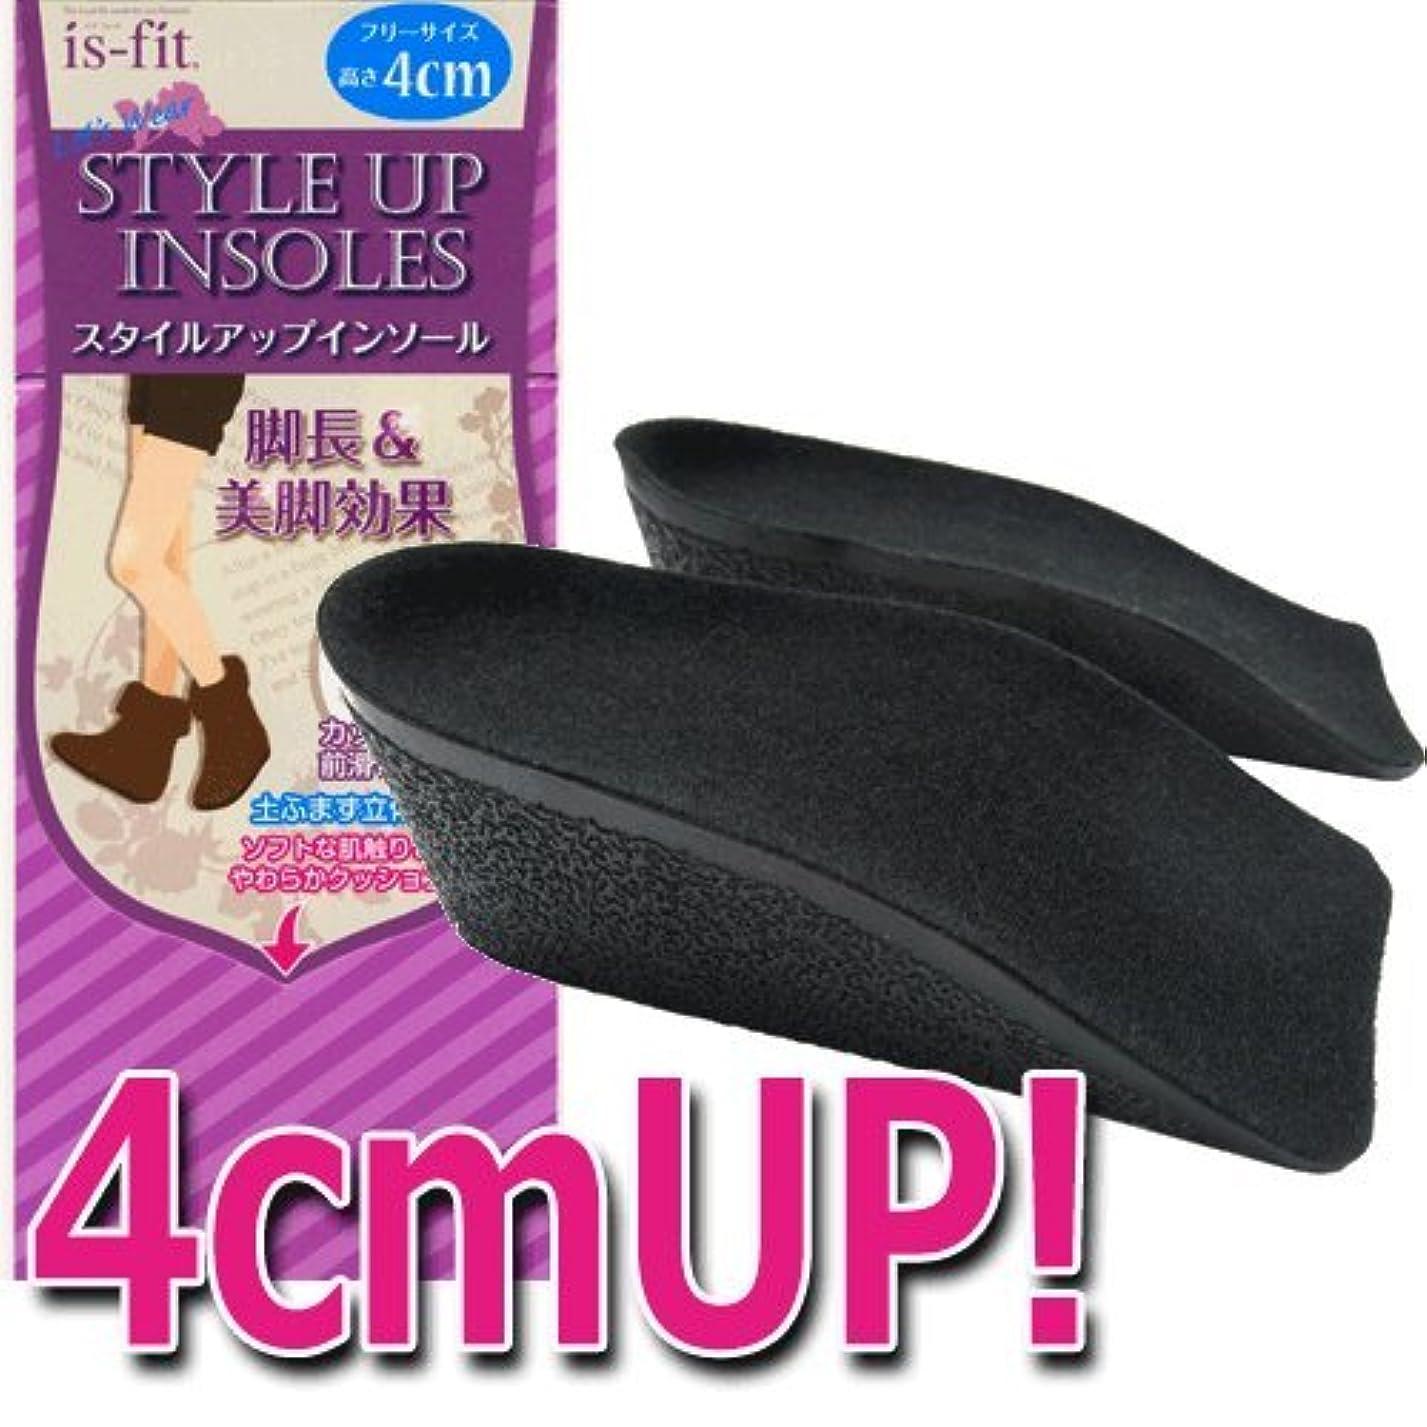 全く提案する野ウサギモリト is-fit(イズフィット) スタイルアップインソール 4cm 女性用 フリーサイズ ブラック